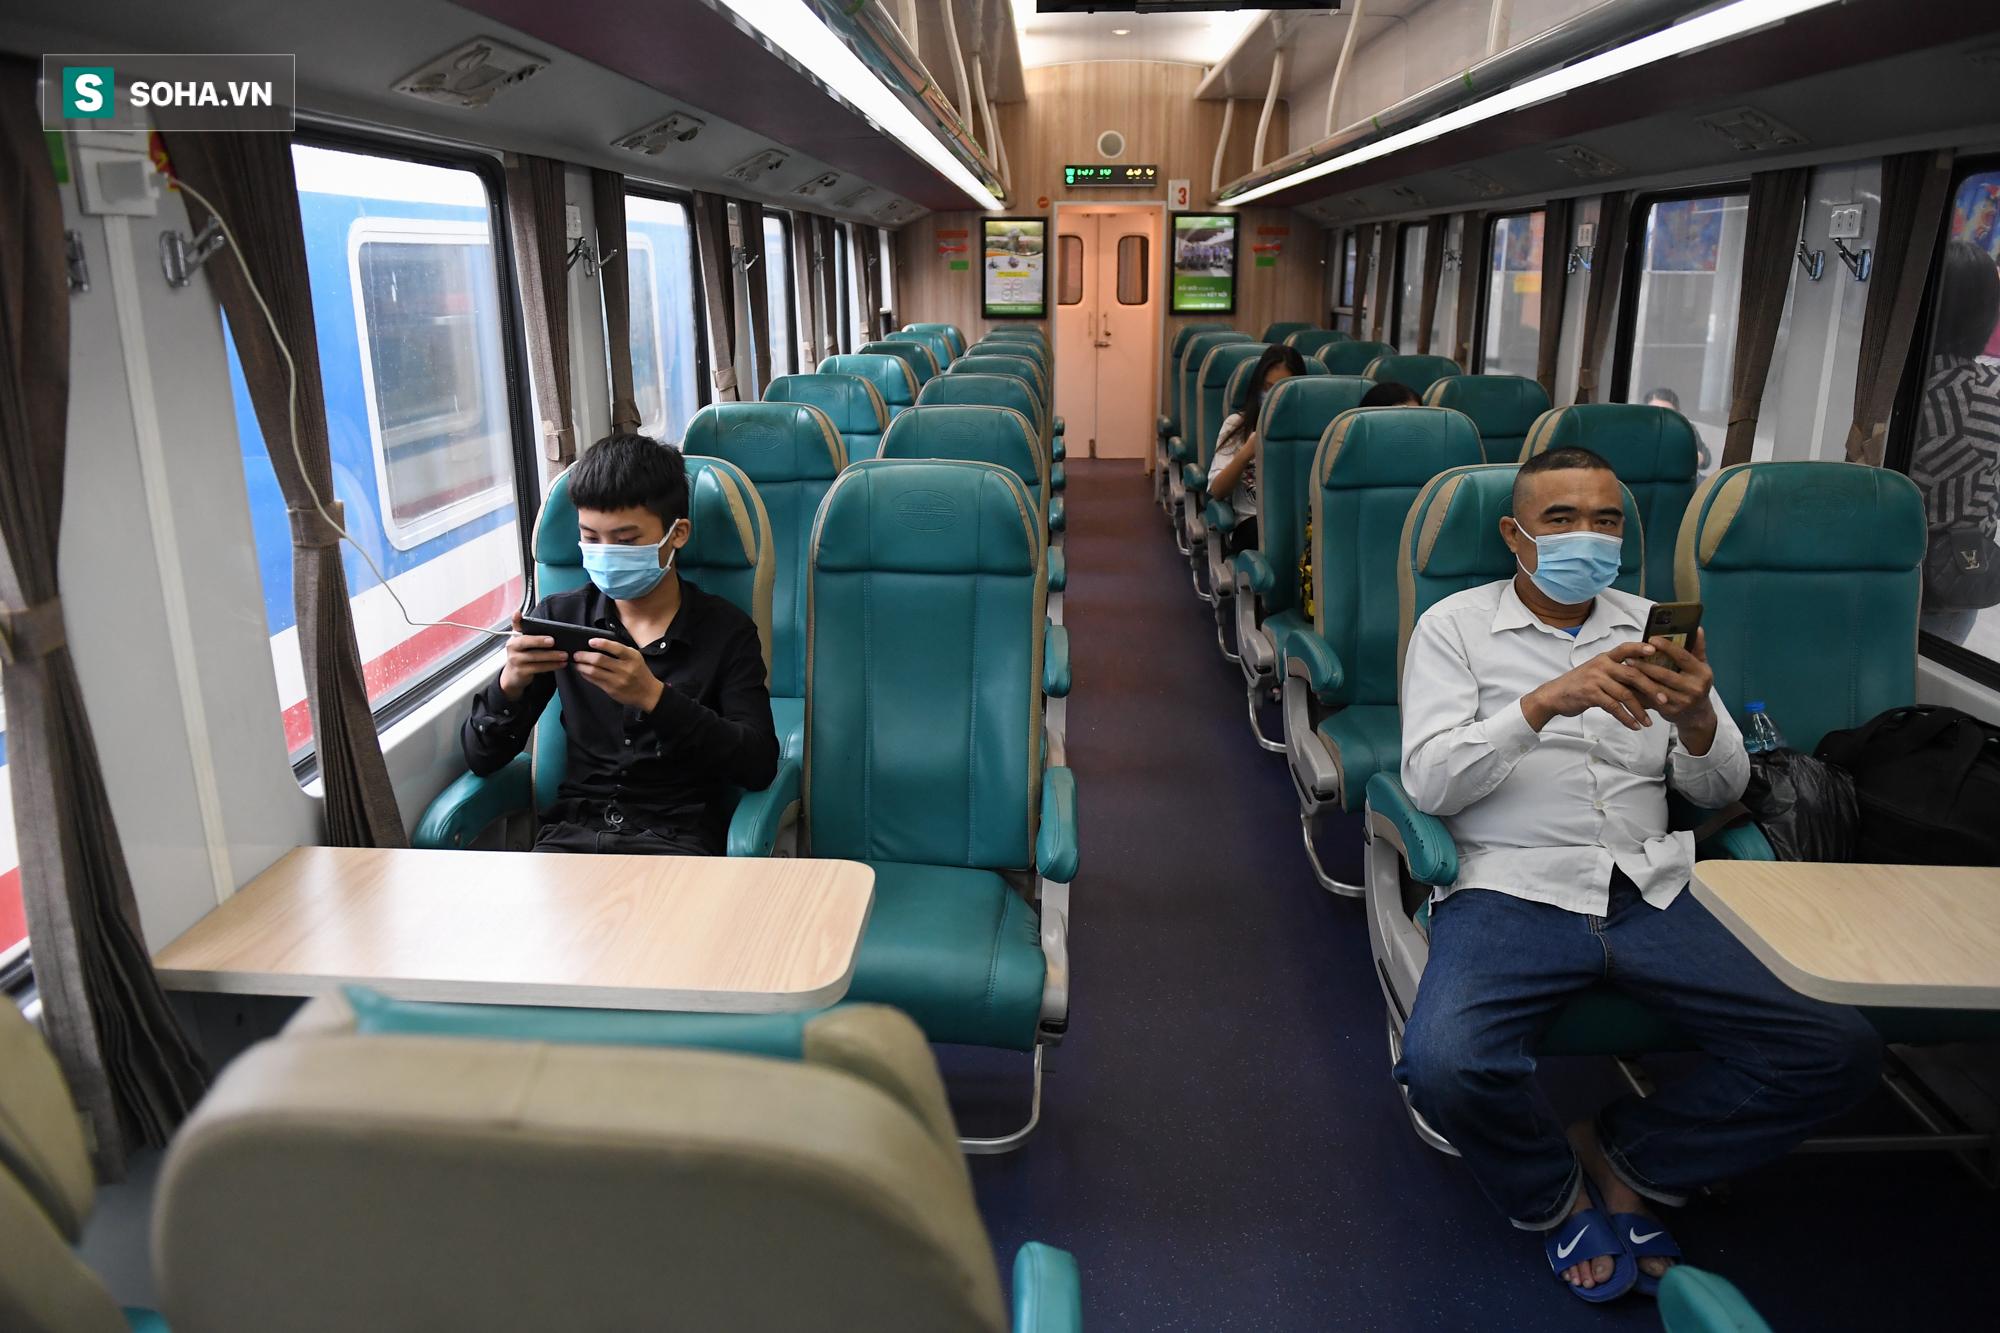 Người dân mừng rỡ khi đường sắt hoạt động trở lại: Mẹ ốm, con đẻ cả tháng mới được về thăm - Ảnh 5.